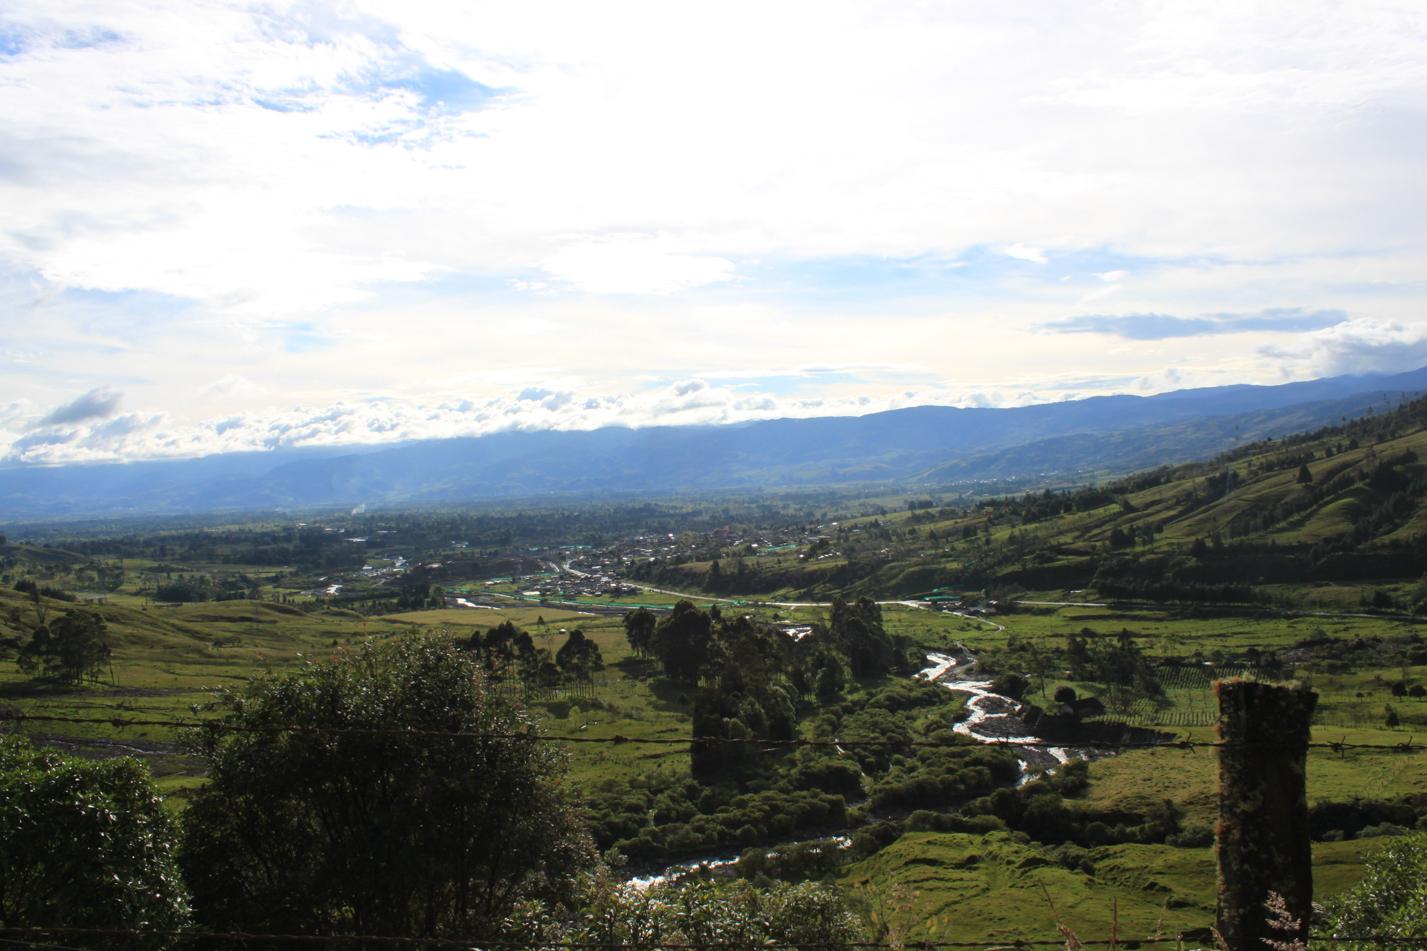 Blick in das Tal von Sinbundoi.